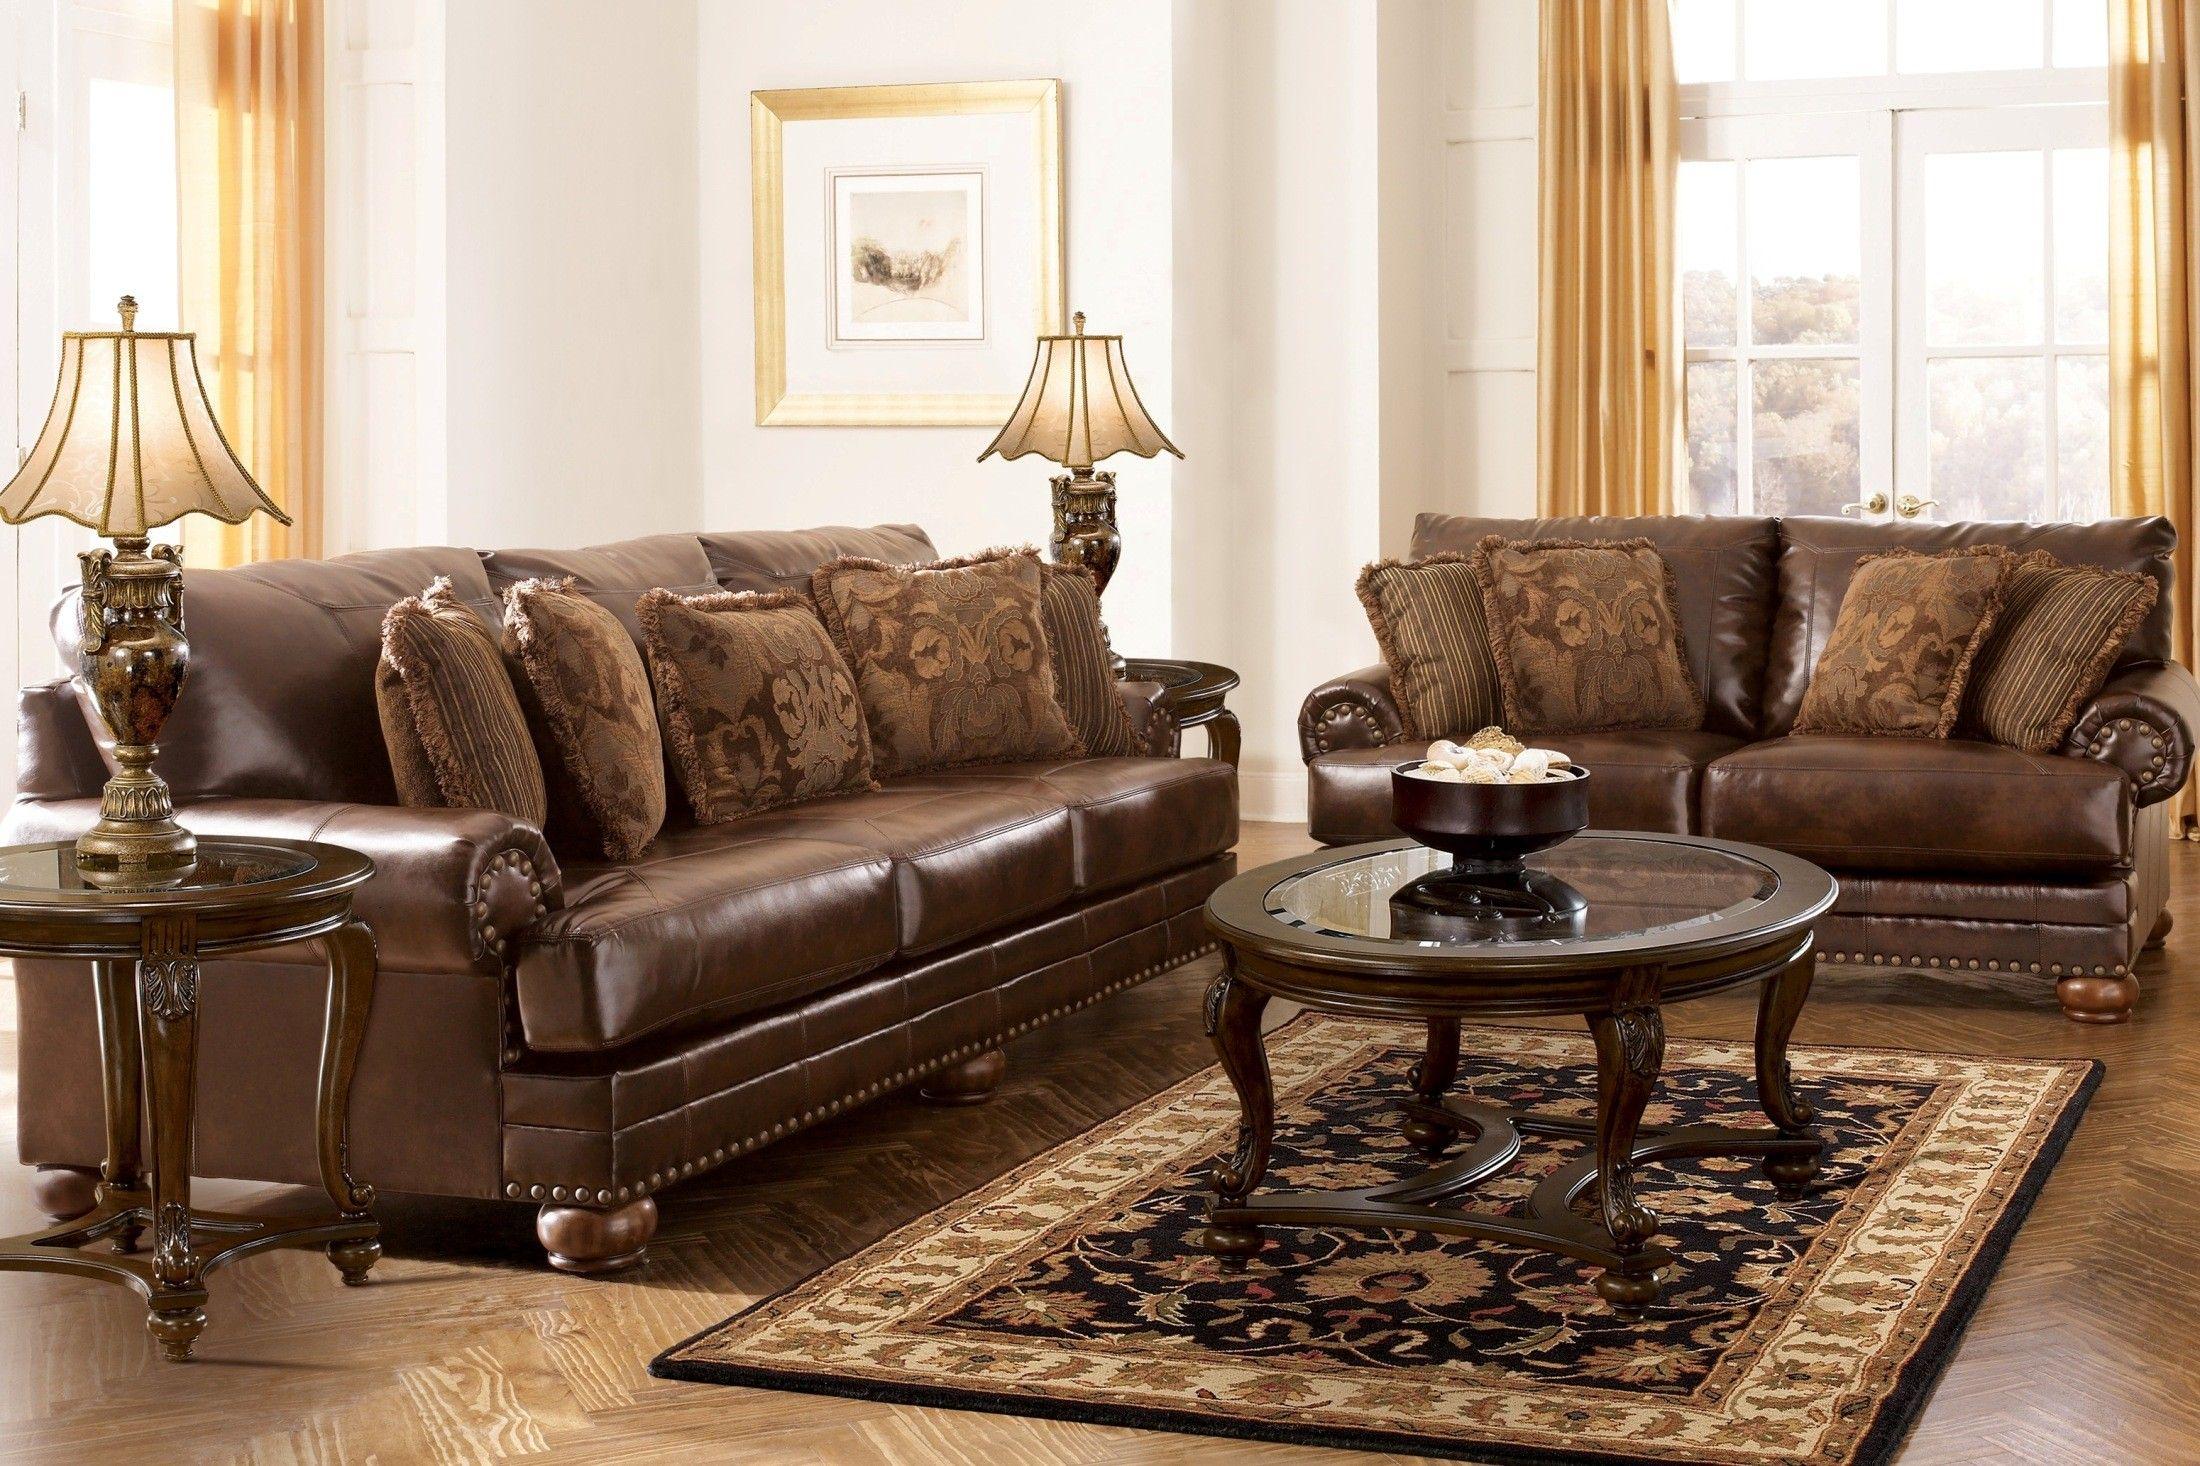 Ashley Furniture DuraBlend Antique Living Room Set - 99200 - Living Room Furniture